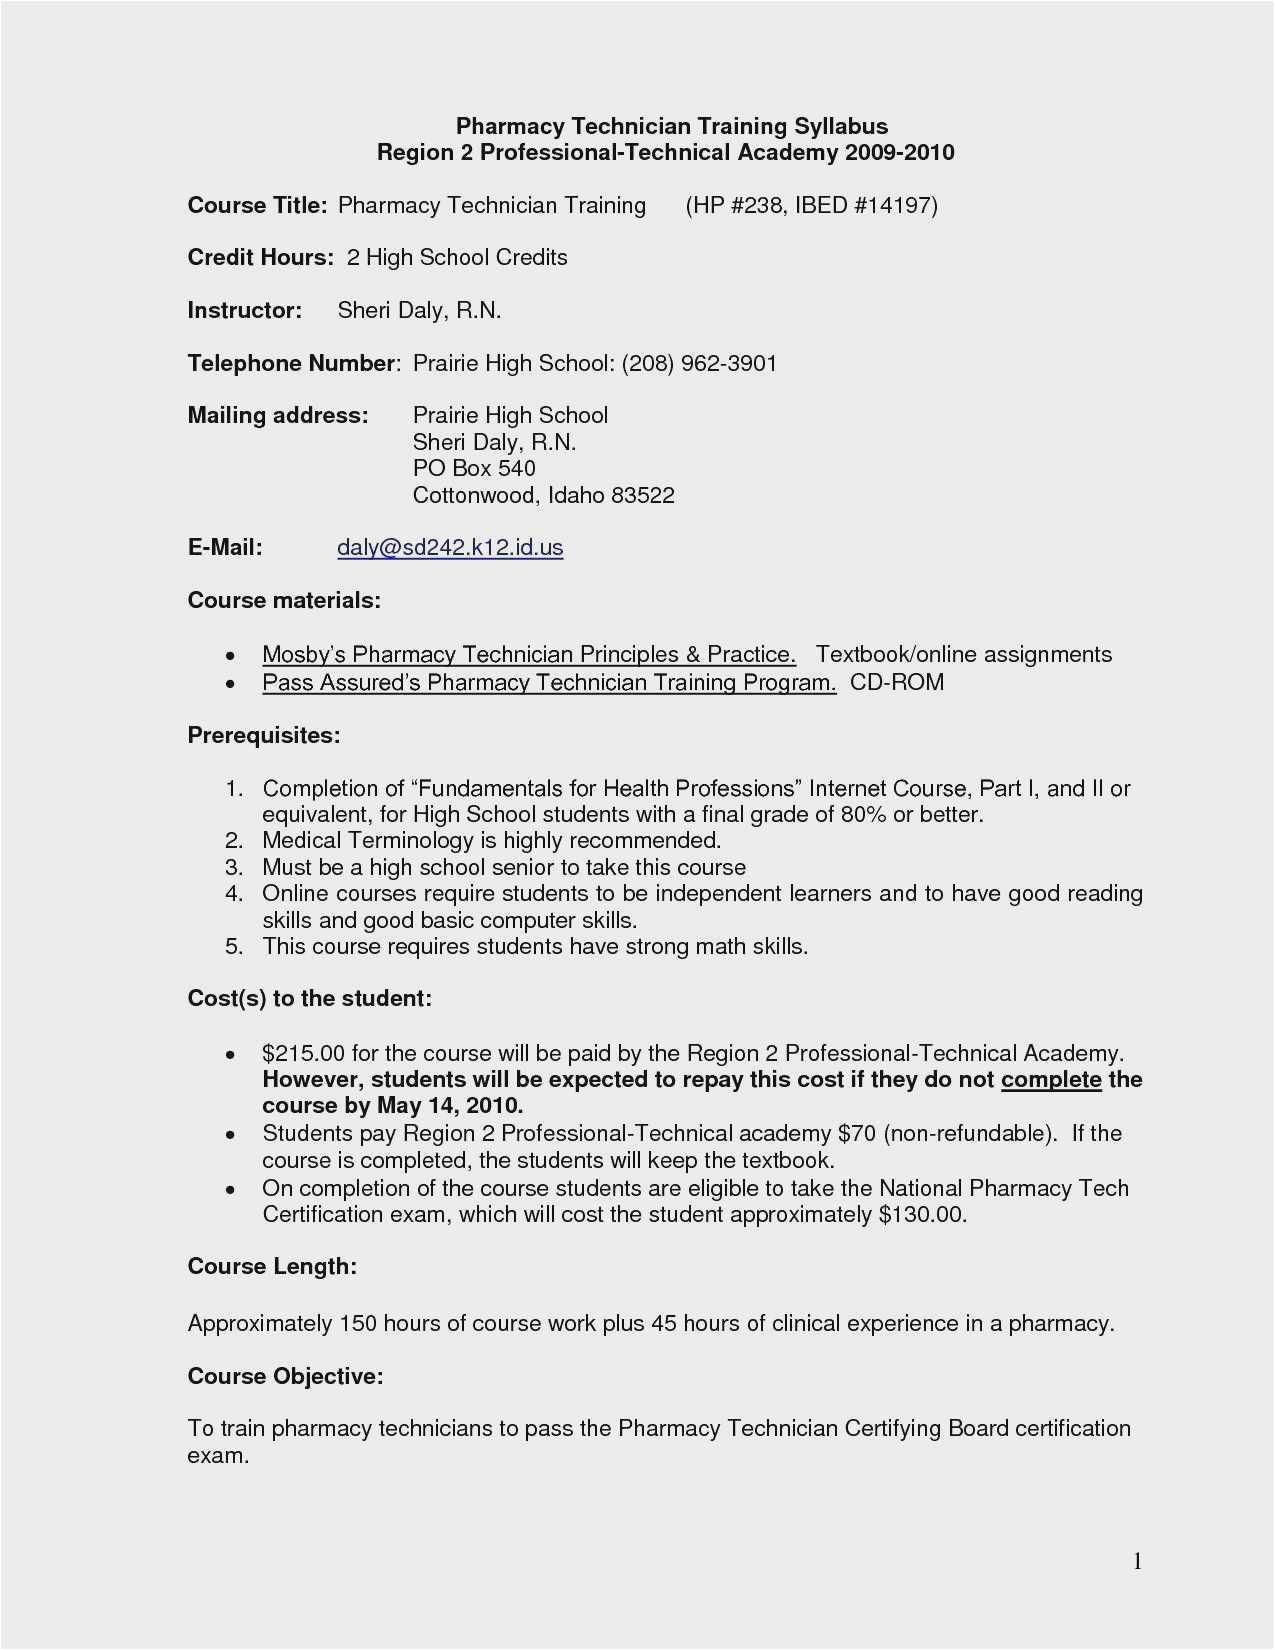 Pharmacy Technician Resume Sample for Student Free 58 Pharmacy Technician Resume Example